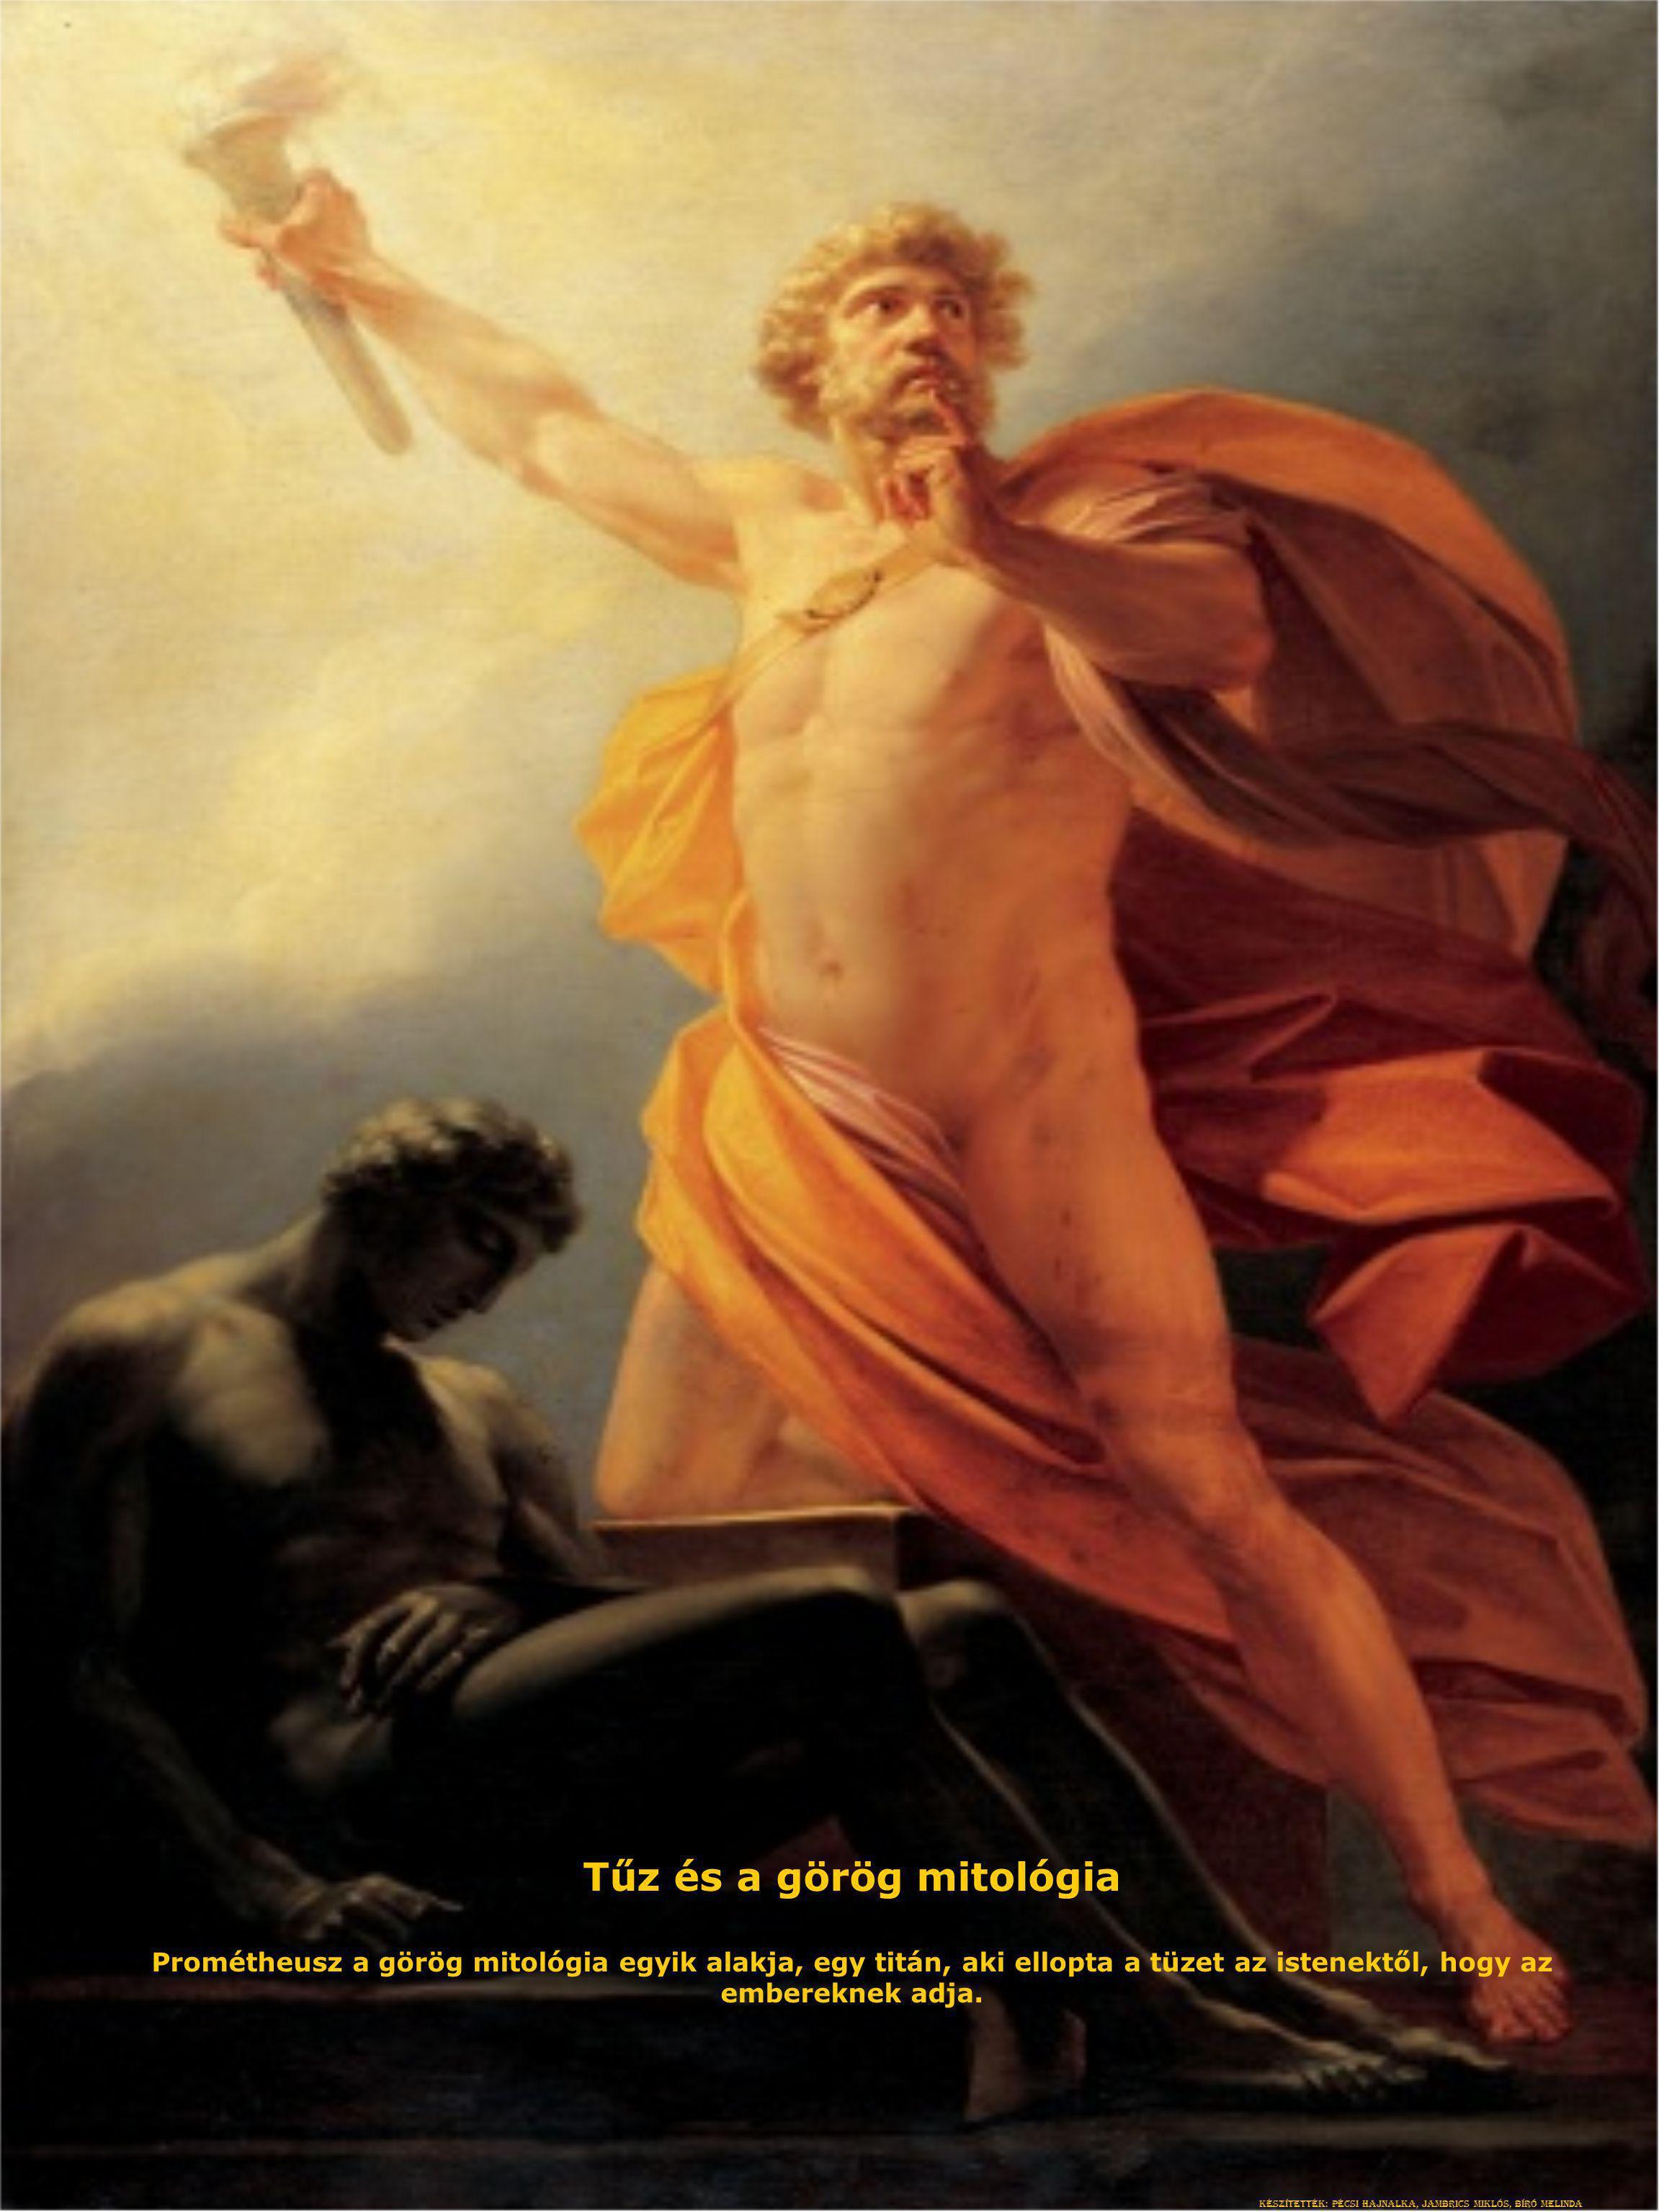 Tűz és a görög mitológia Prométheusz a görög mitológia egyik alakja, egy titán, aki ellopta a tüzet az istenektől, hogy az embereknek adja. Készítetté